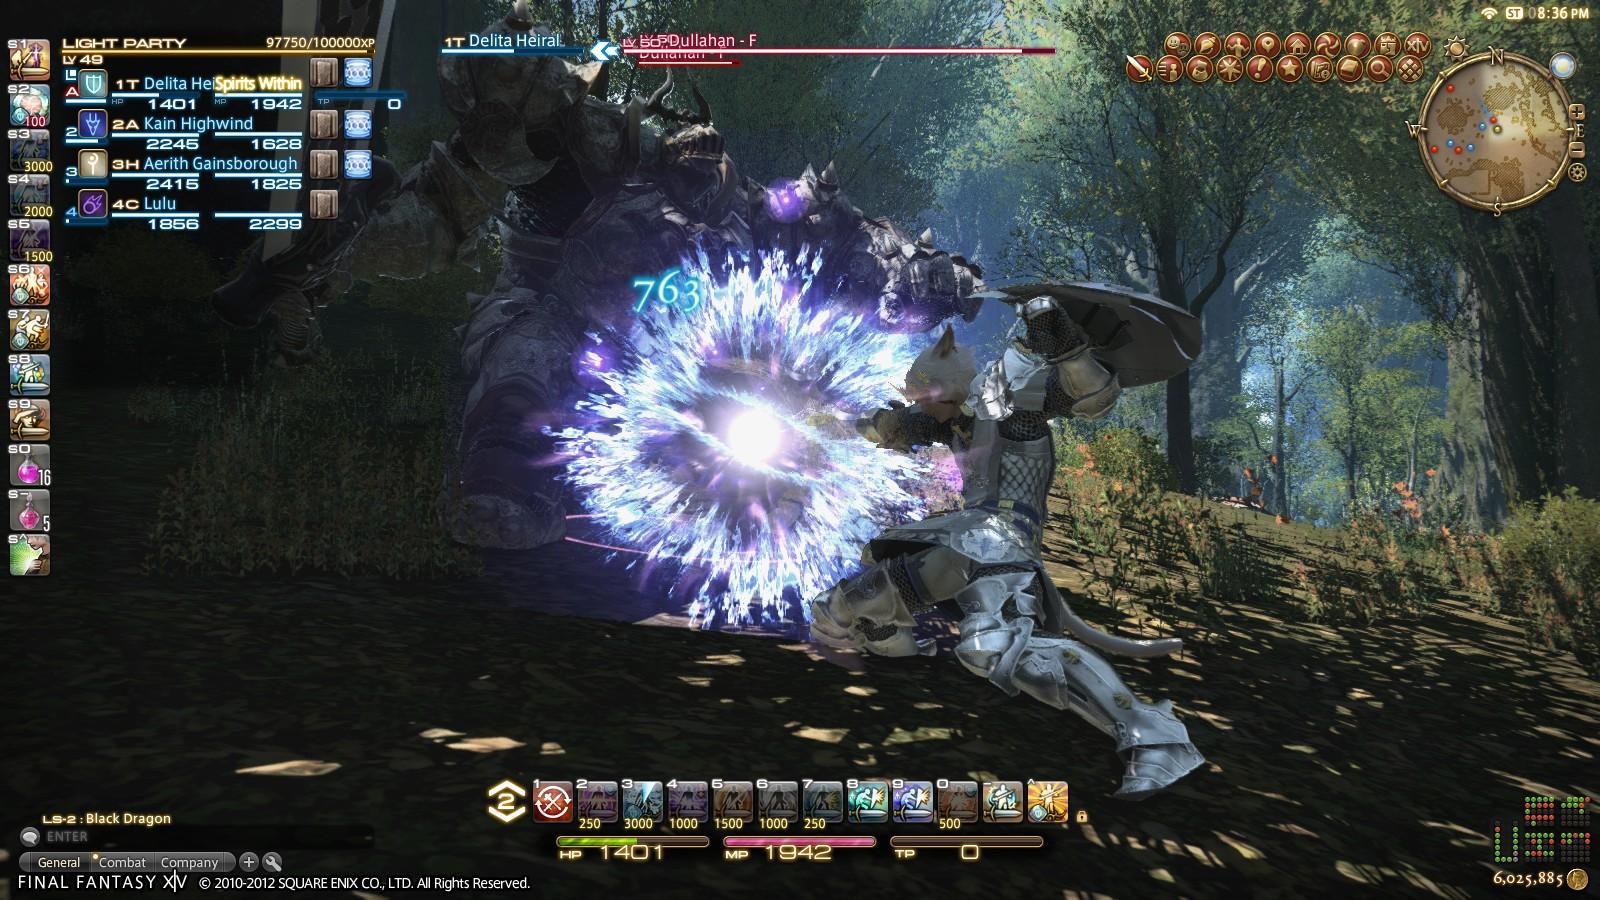 E3 2012: Final Fantasy XIV 2 0 Impressions | RPG Site